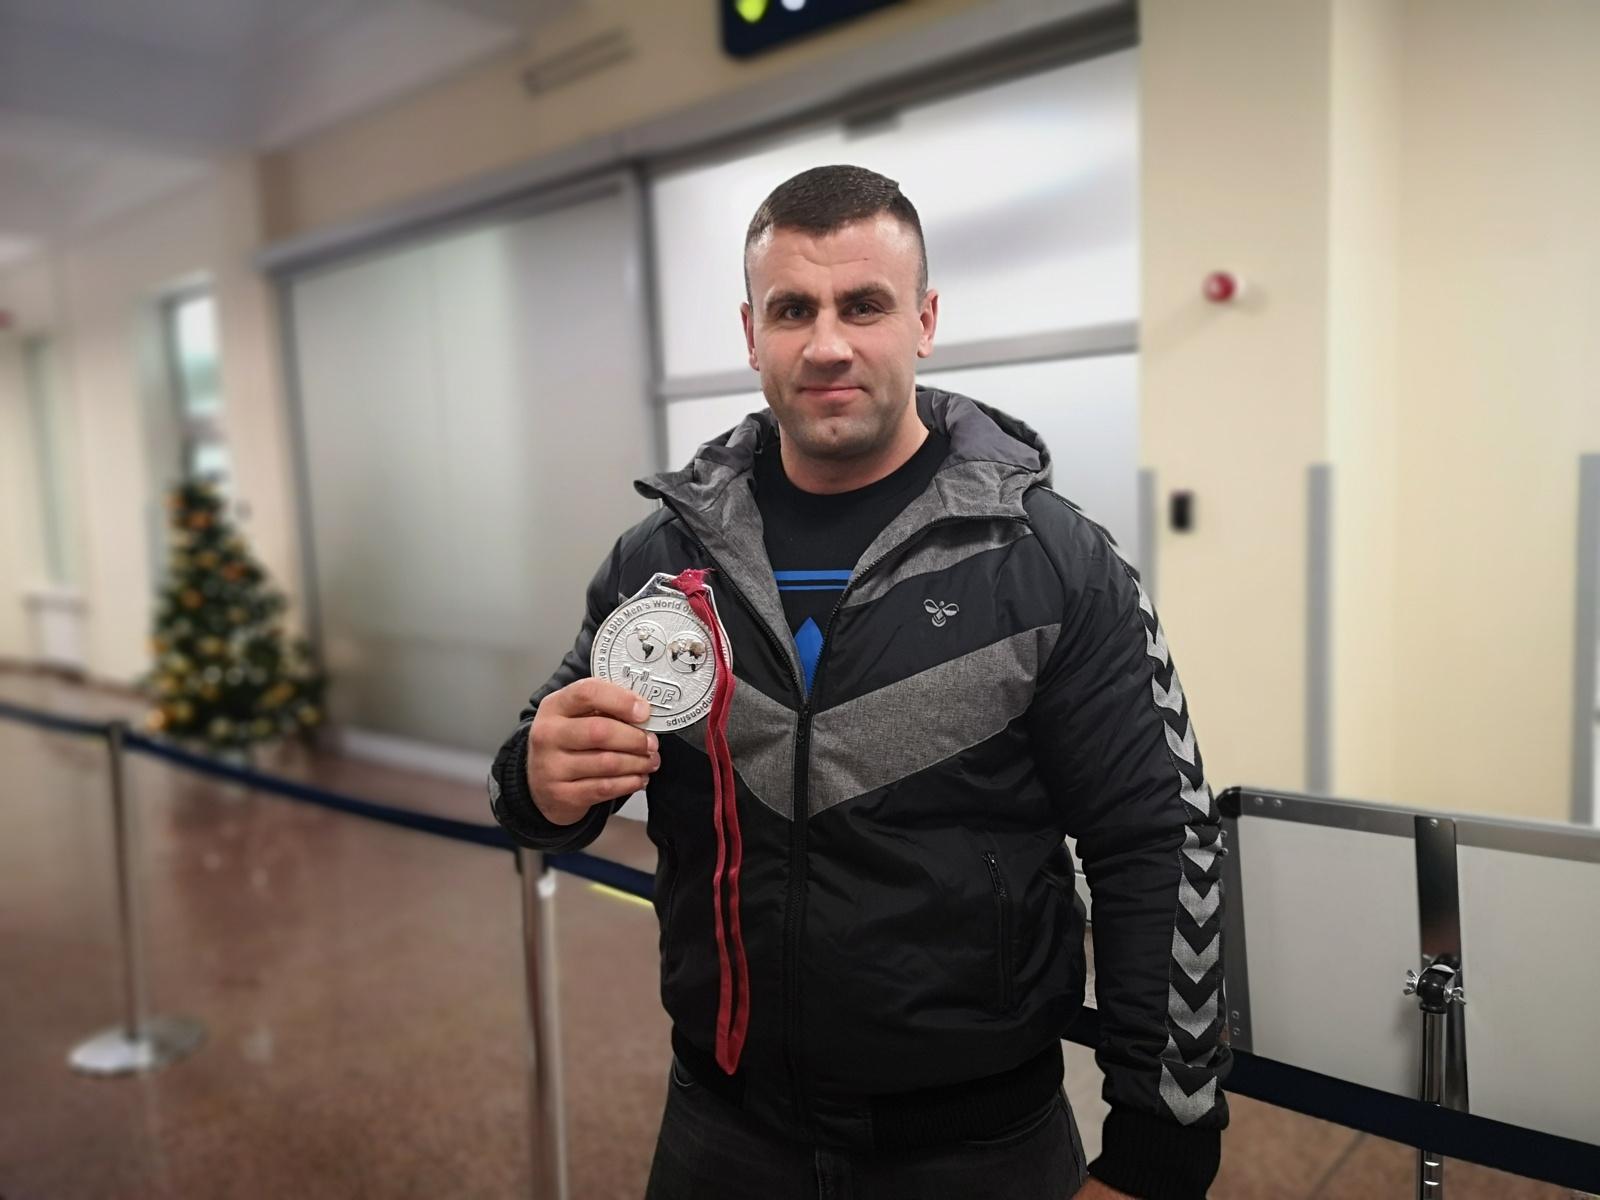 Pasaulio vicečempionas A. Paulauskas: tikiuosi pagerinti pasaulio rekordą